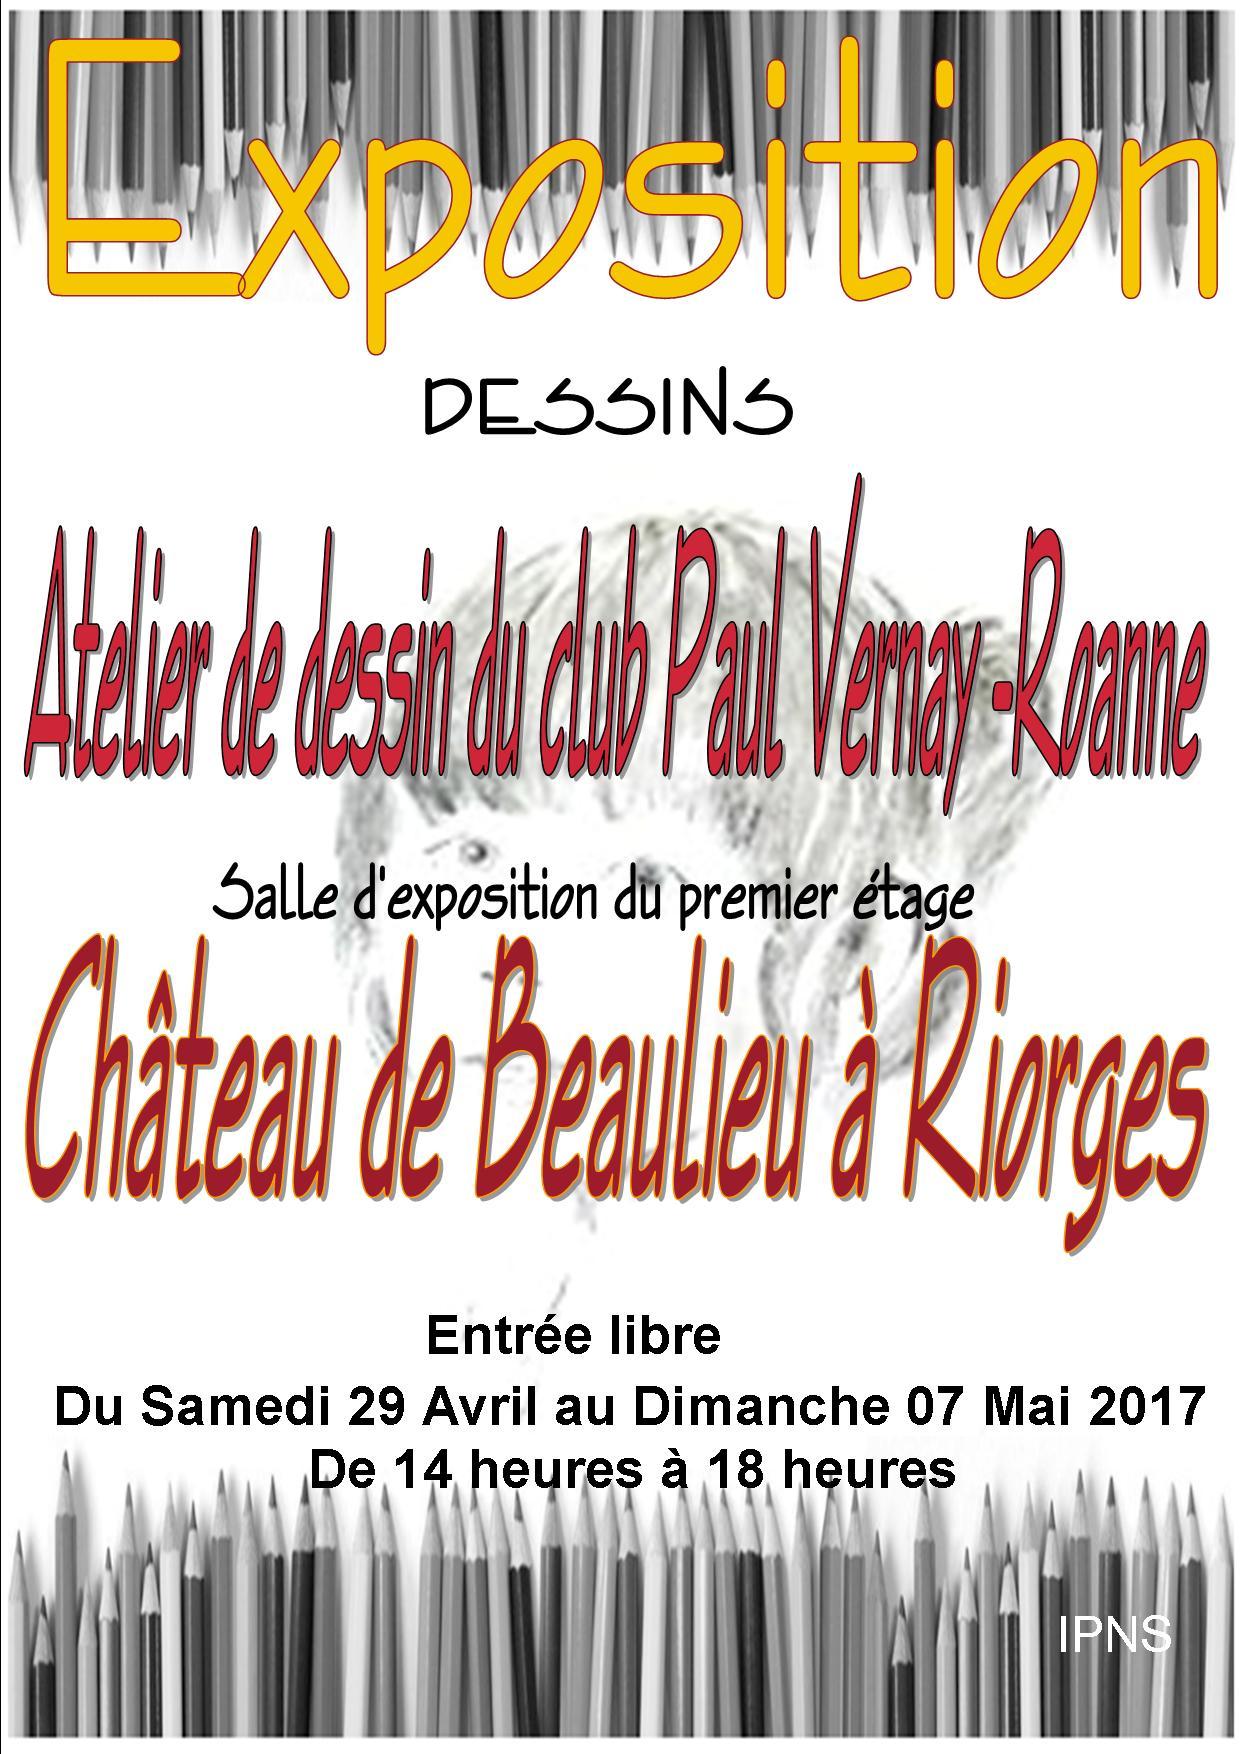 EXPOSITIONS 1er semestre 2017